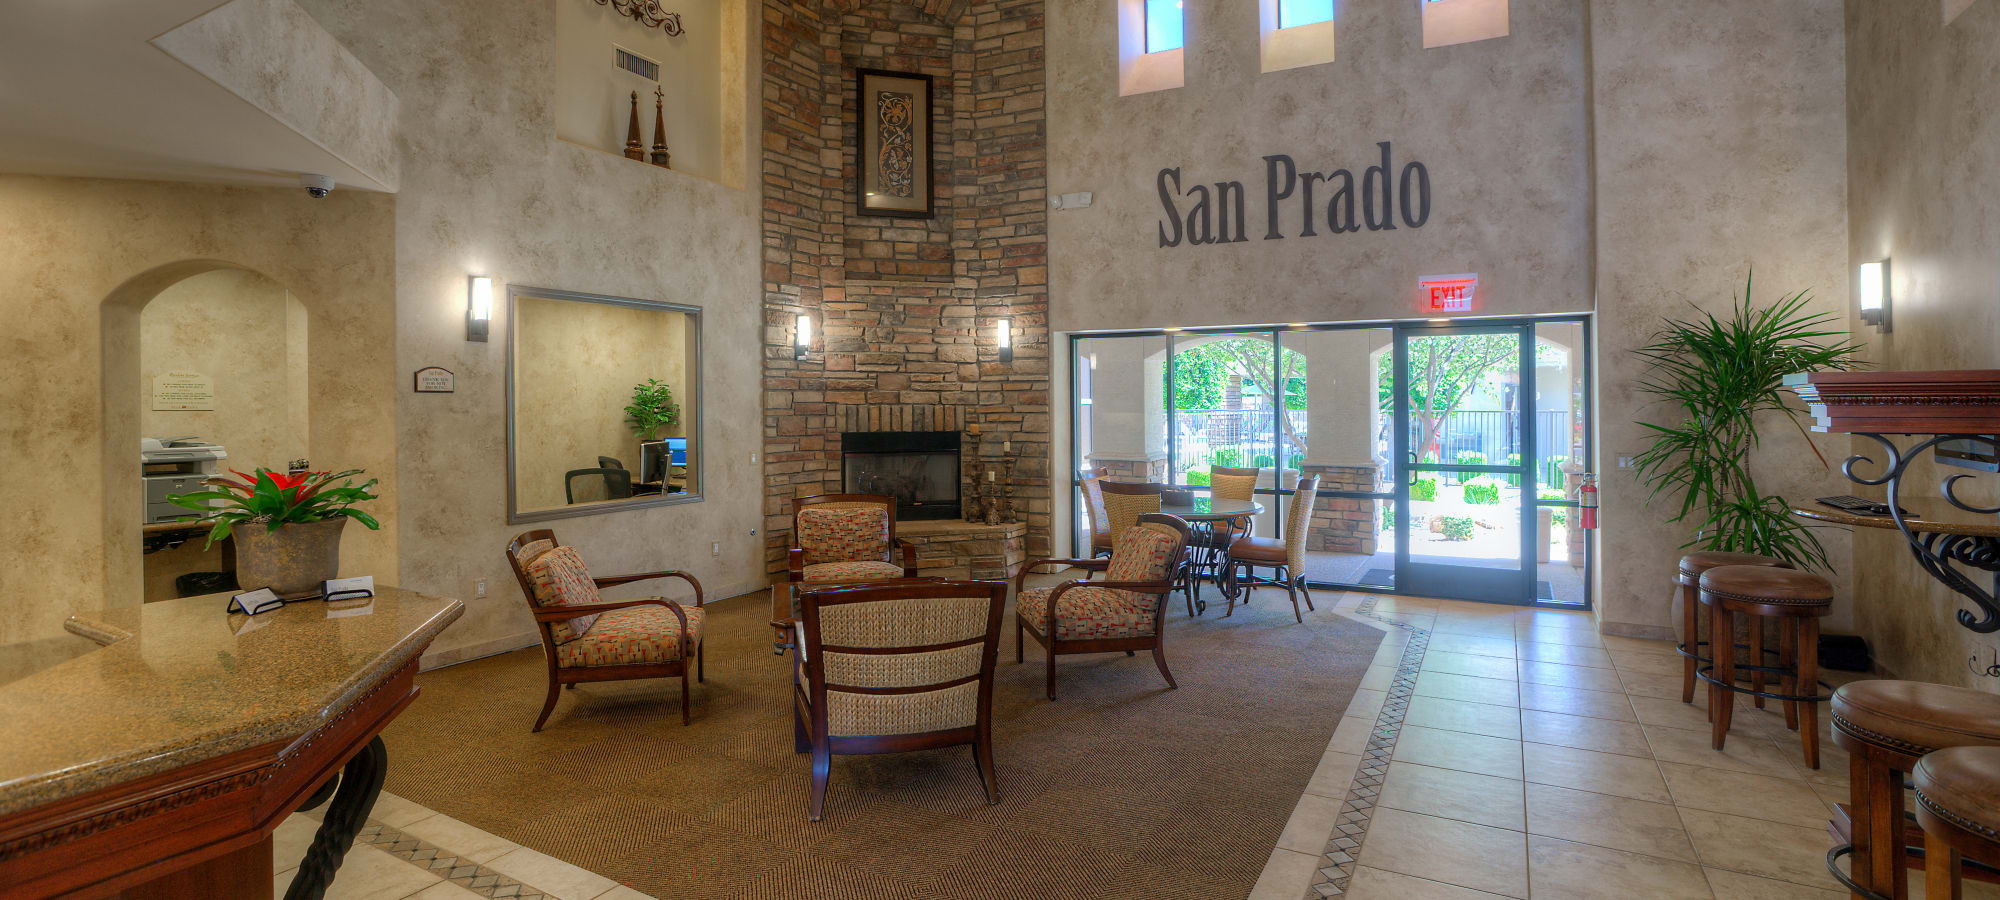 Clubhouse seating at San Prado in Glendale, Arizona